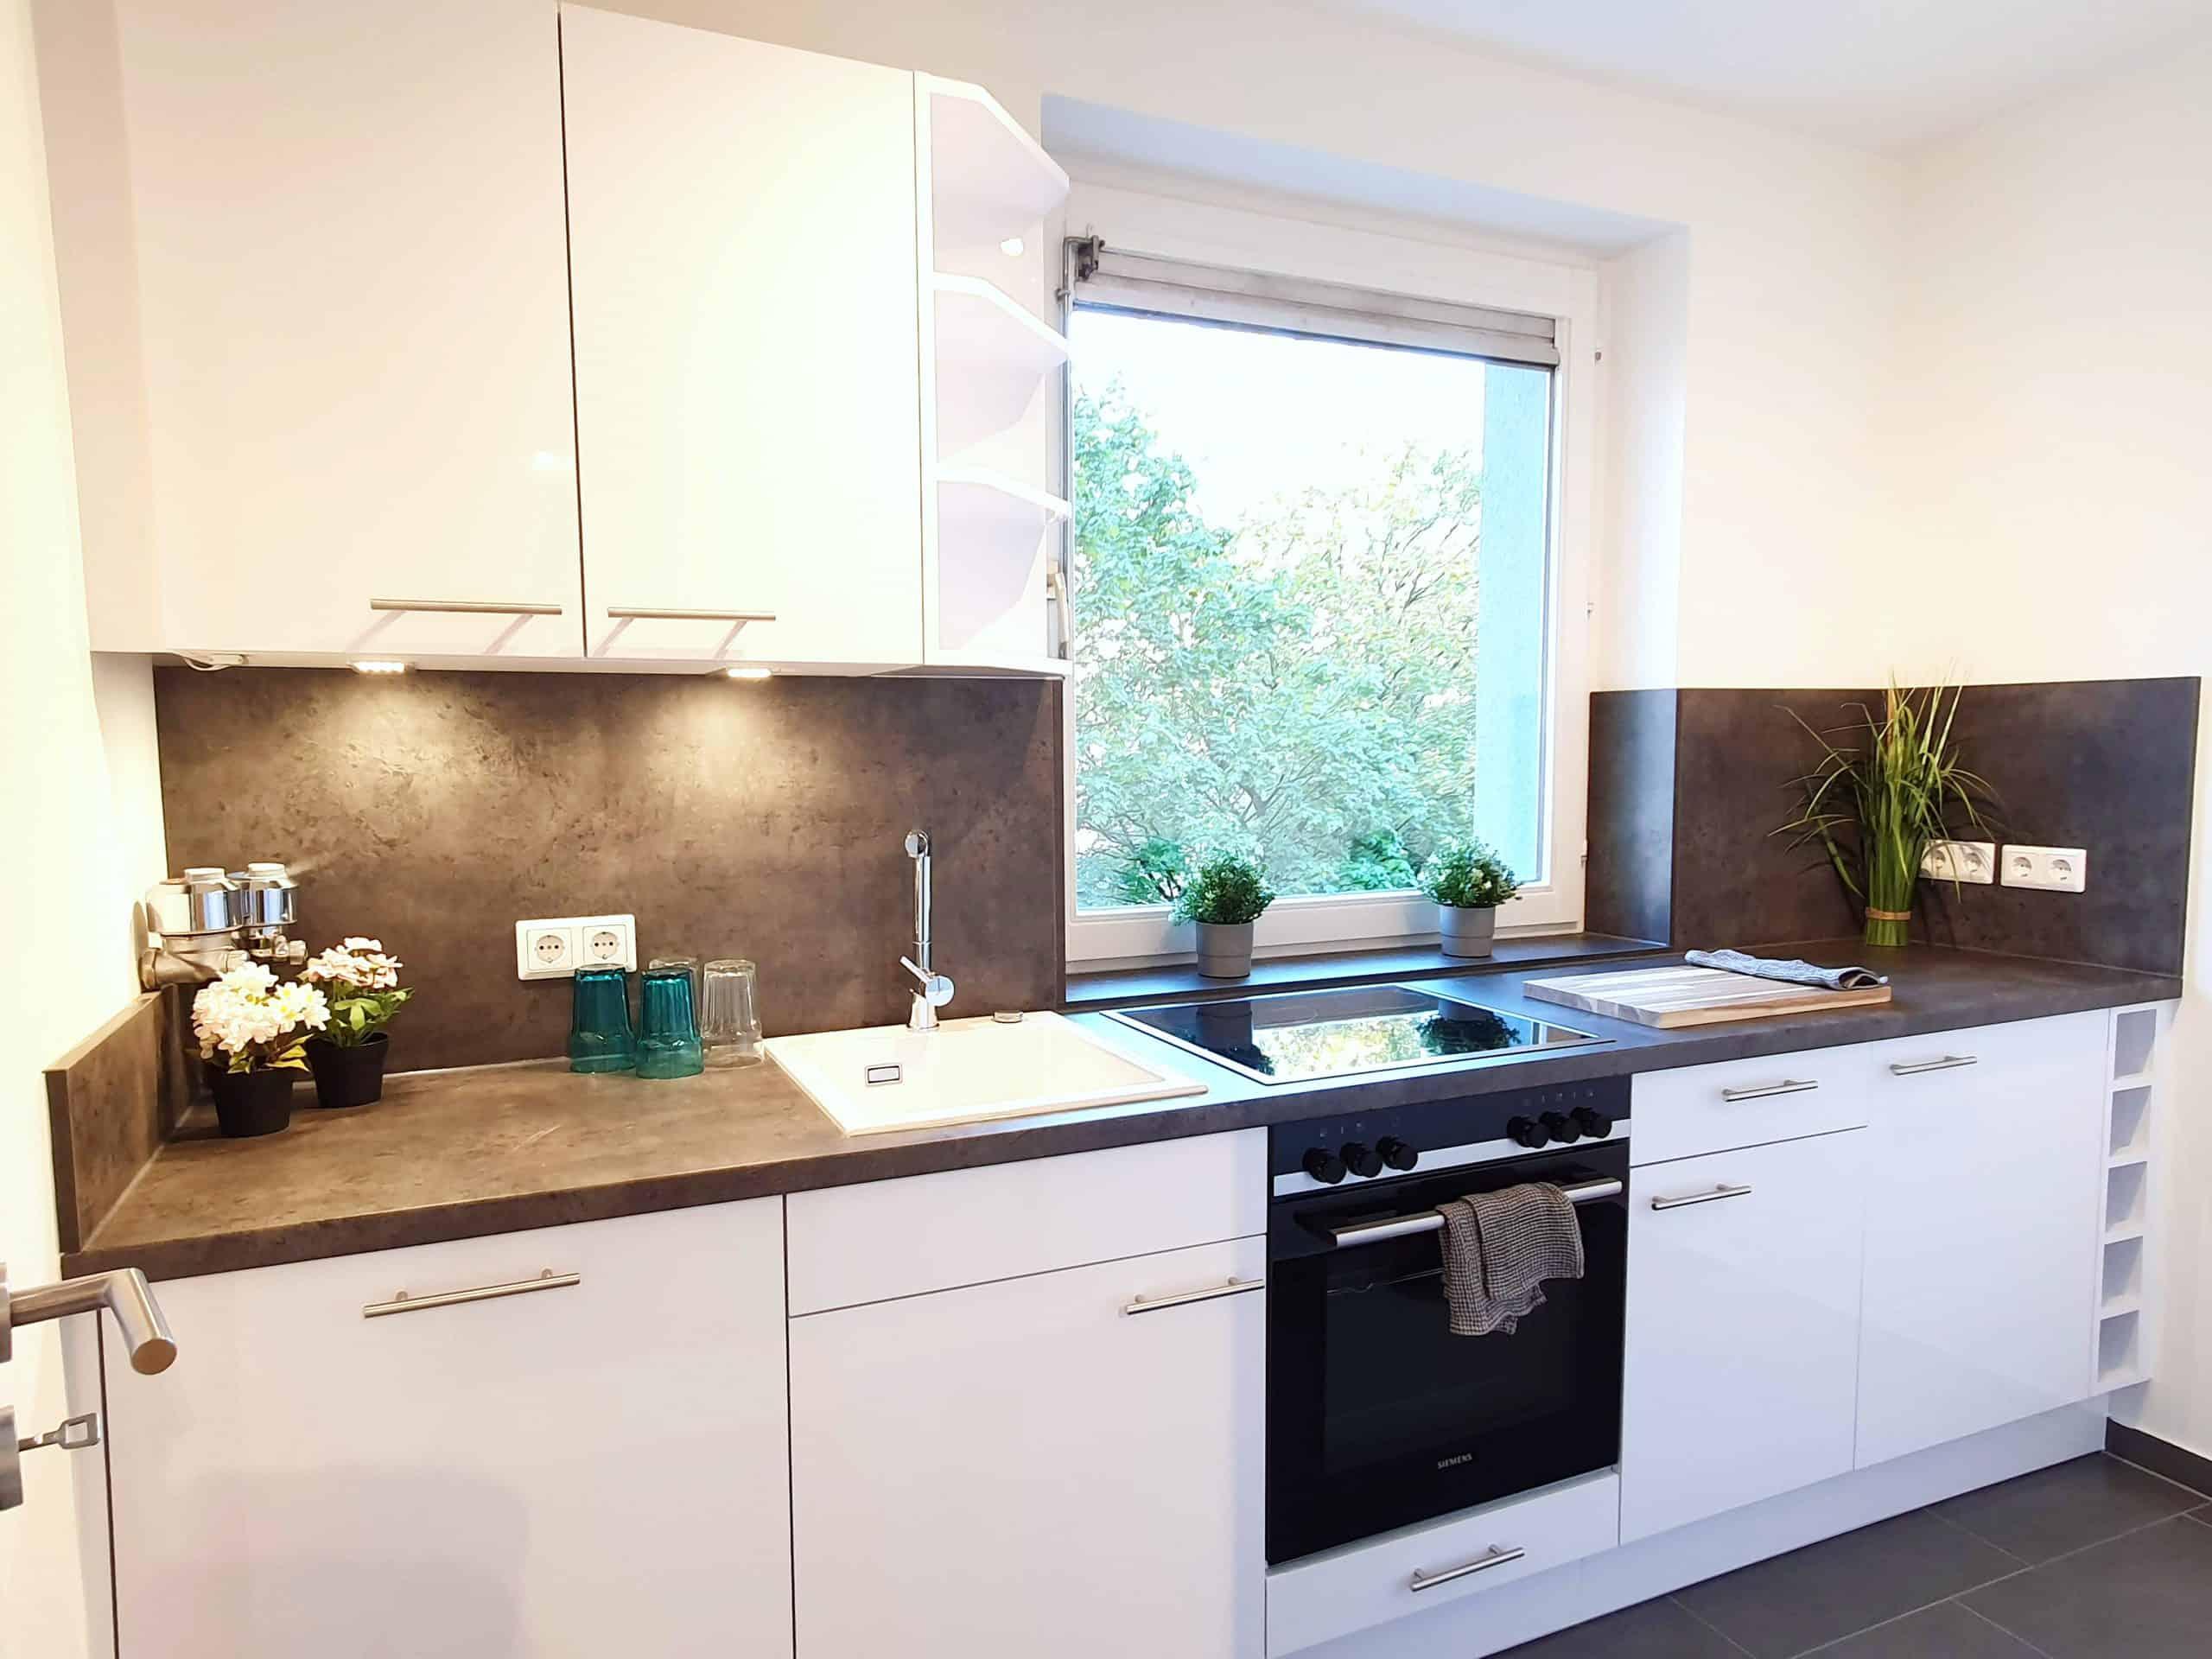 Provisionsfrei: 1 Zimmer Wohnung nahe UKE, Küche